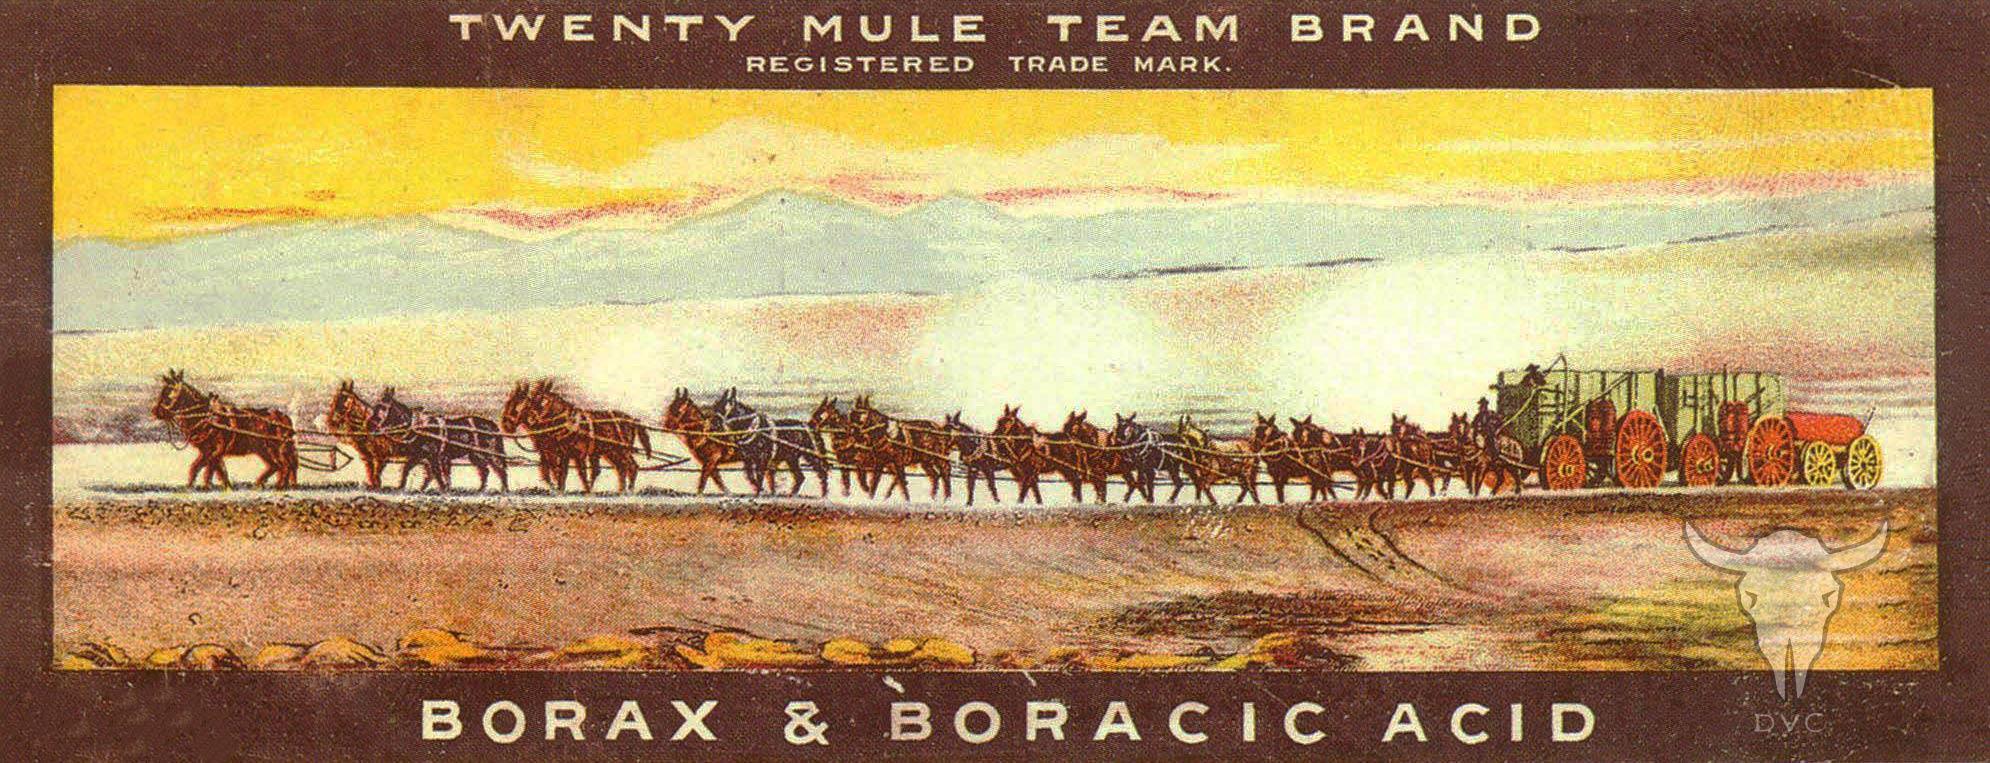 Twenty Mule Team Brand Registered Trade Mark Borax and Boracic Acid